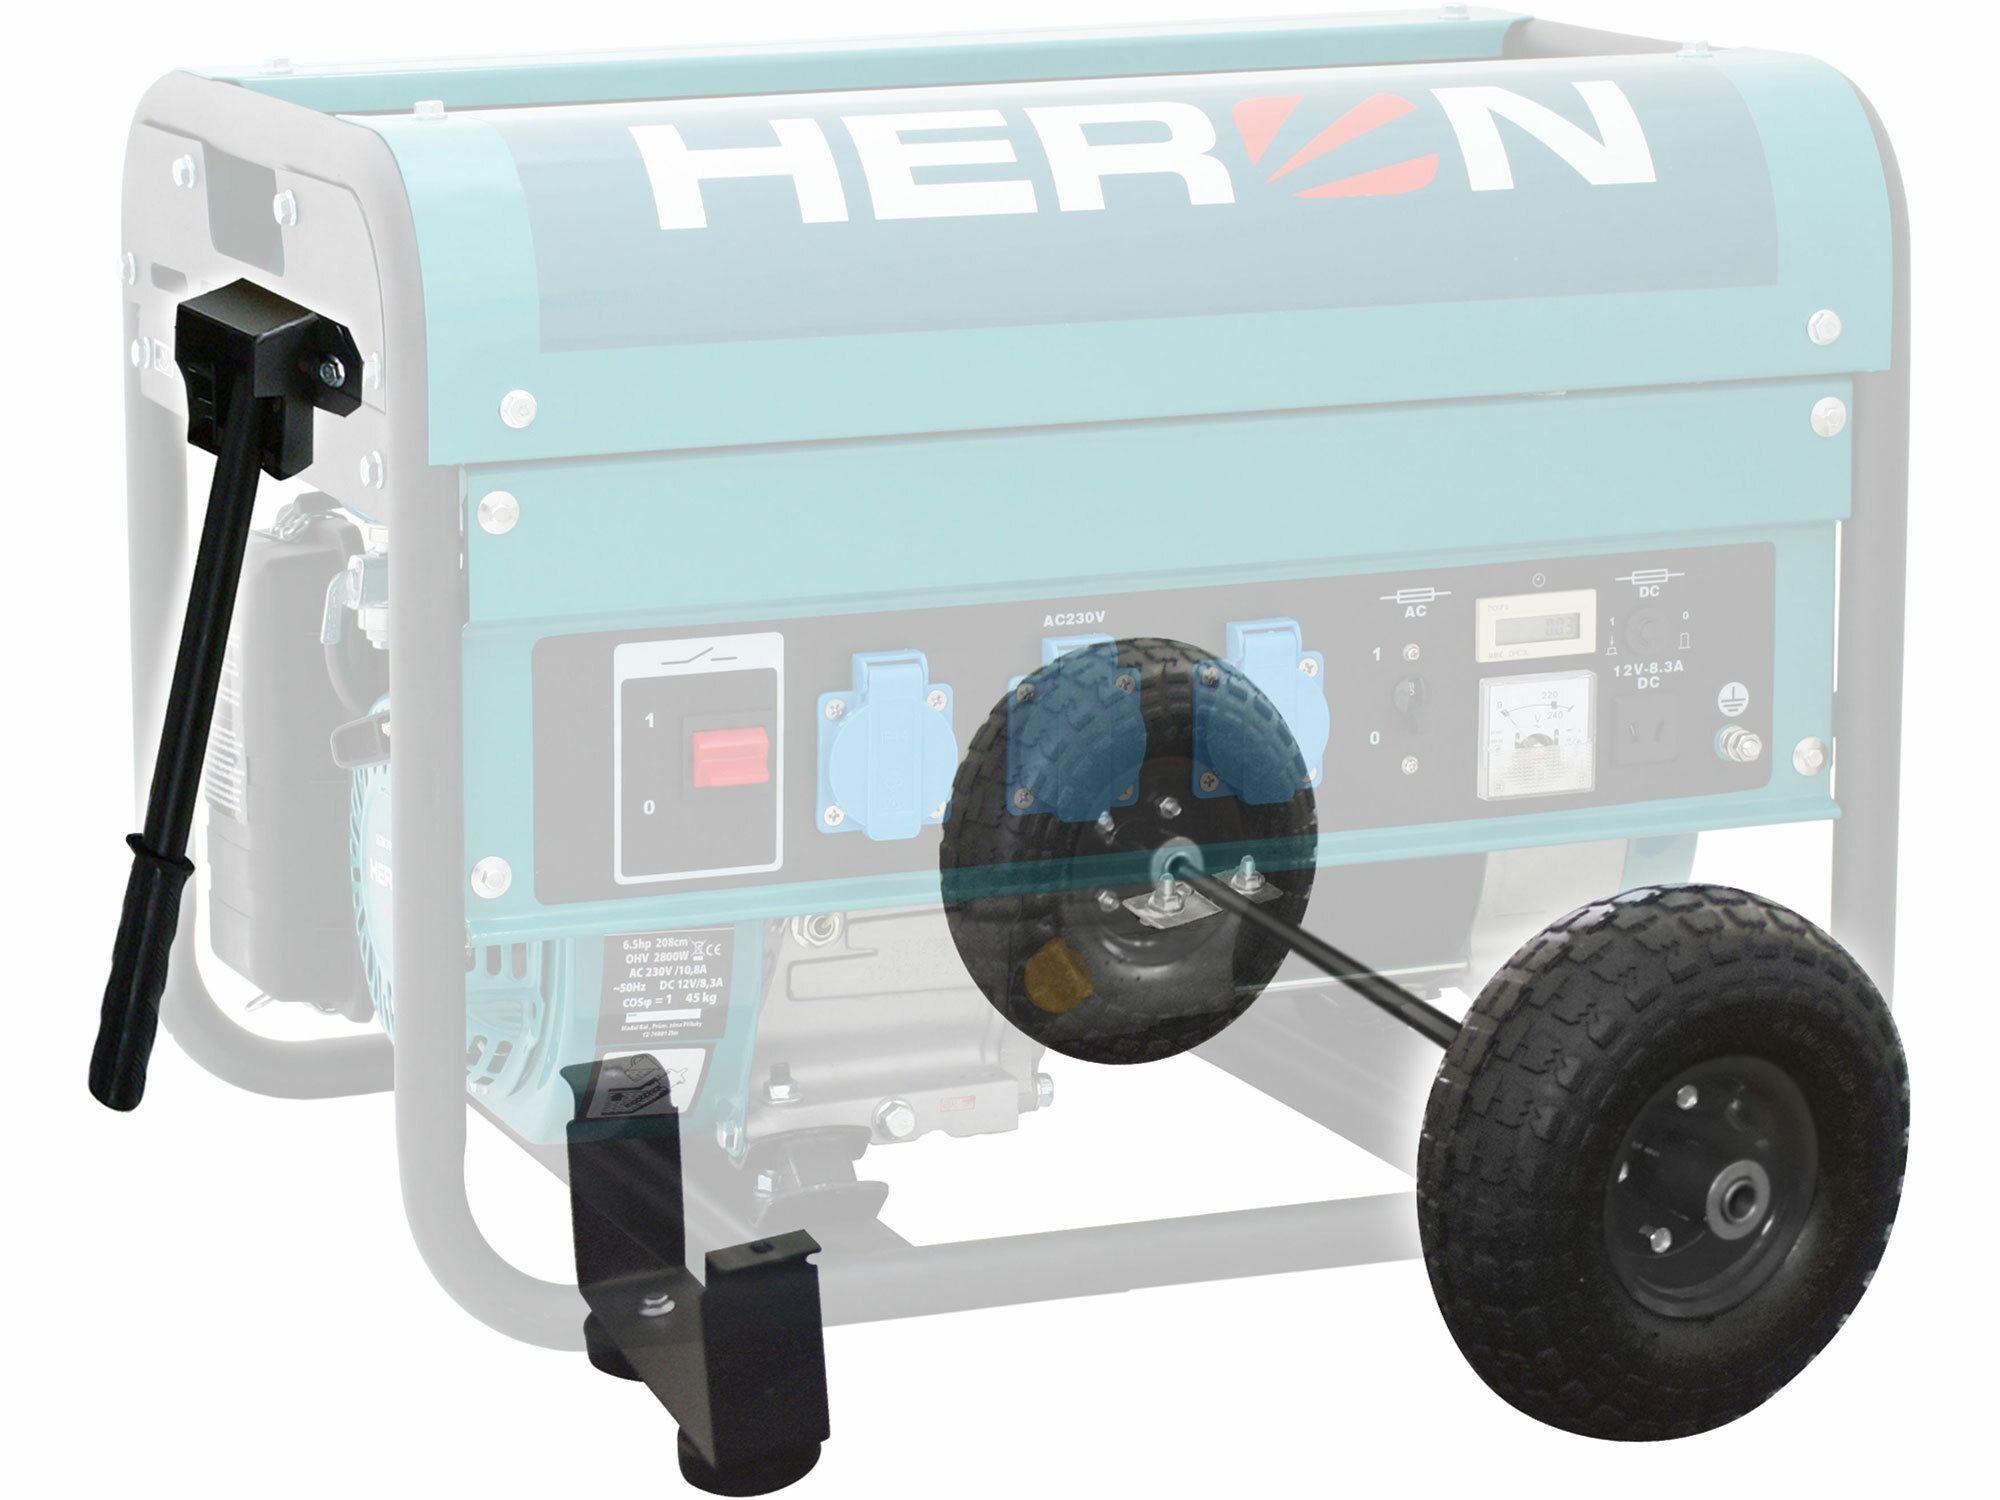 Podvozková sada, pro 8896111,  8898116, 421028, HERON, CHS 25-30